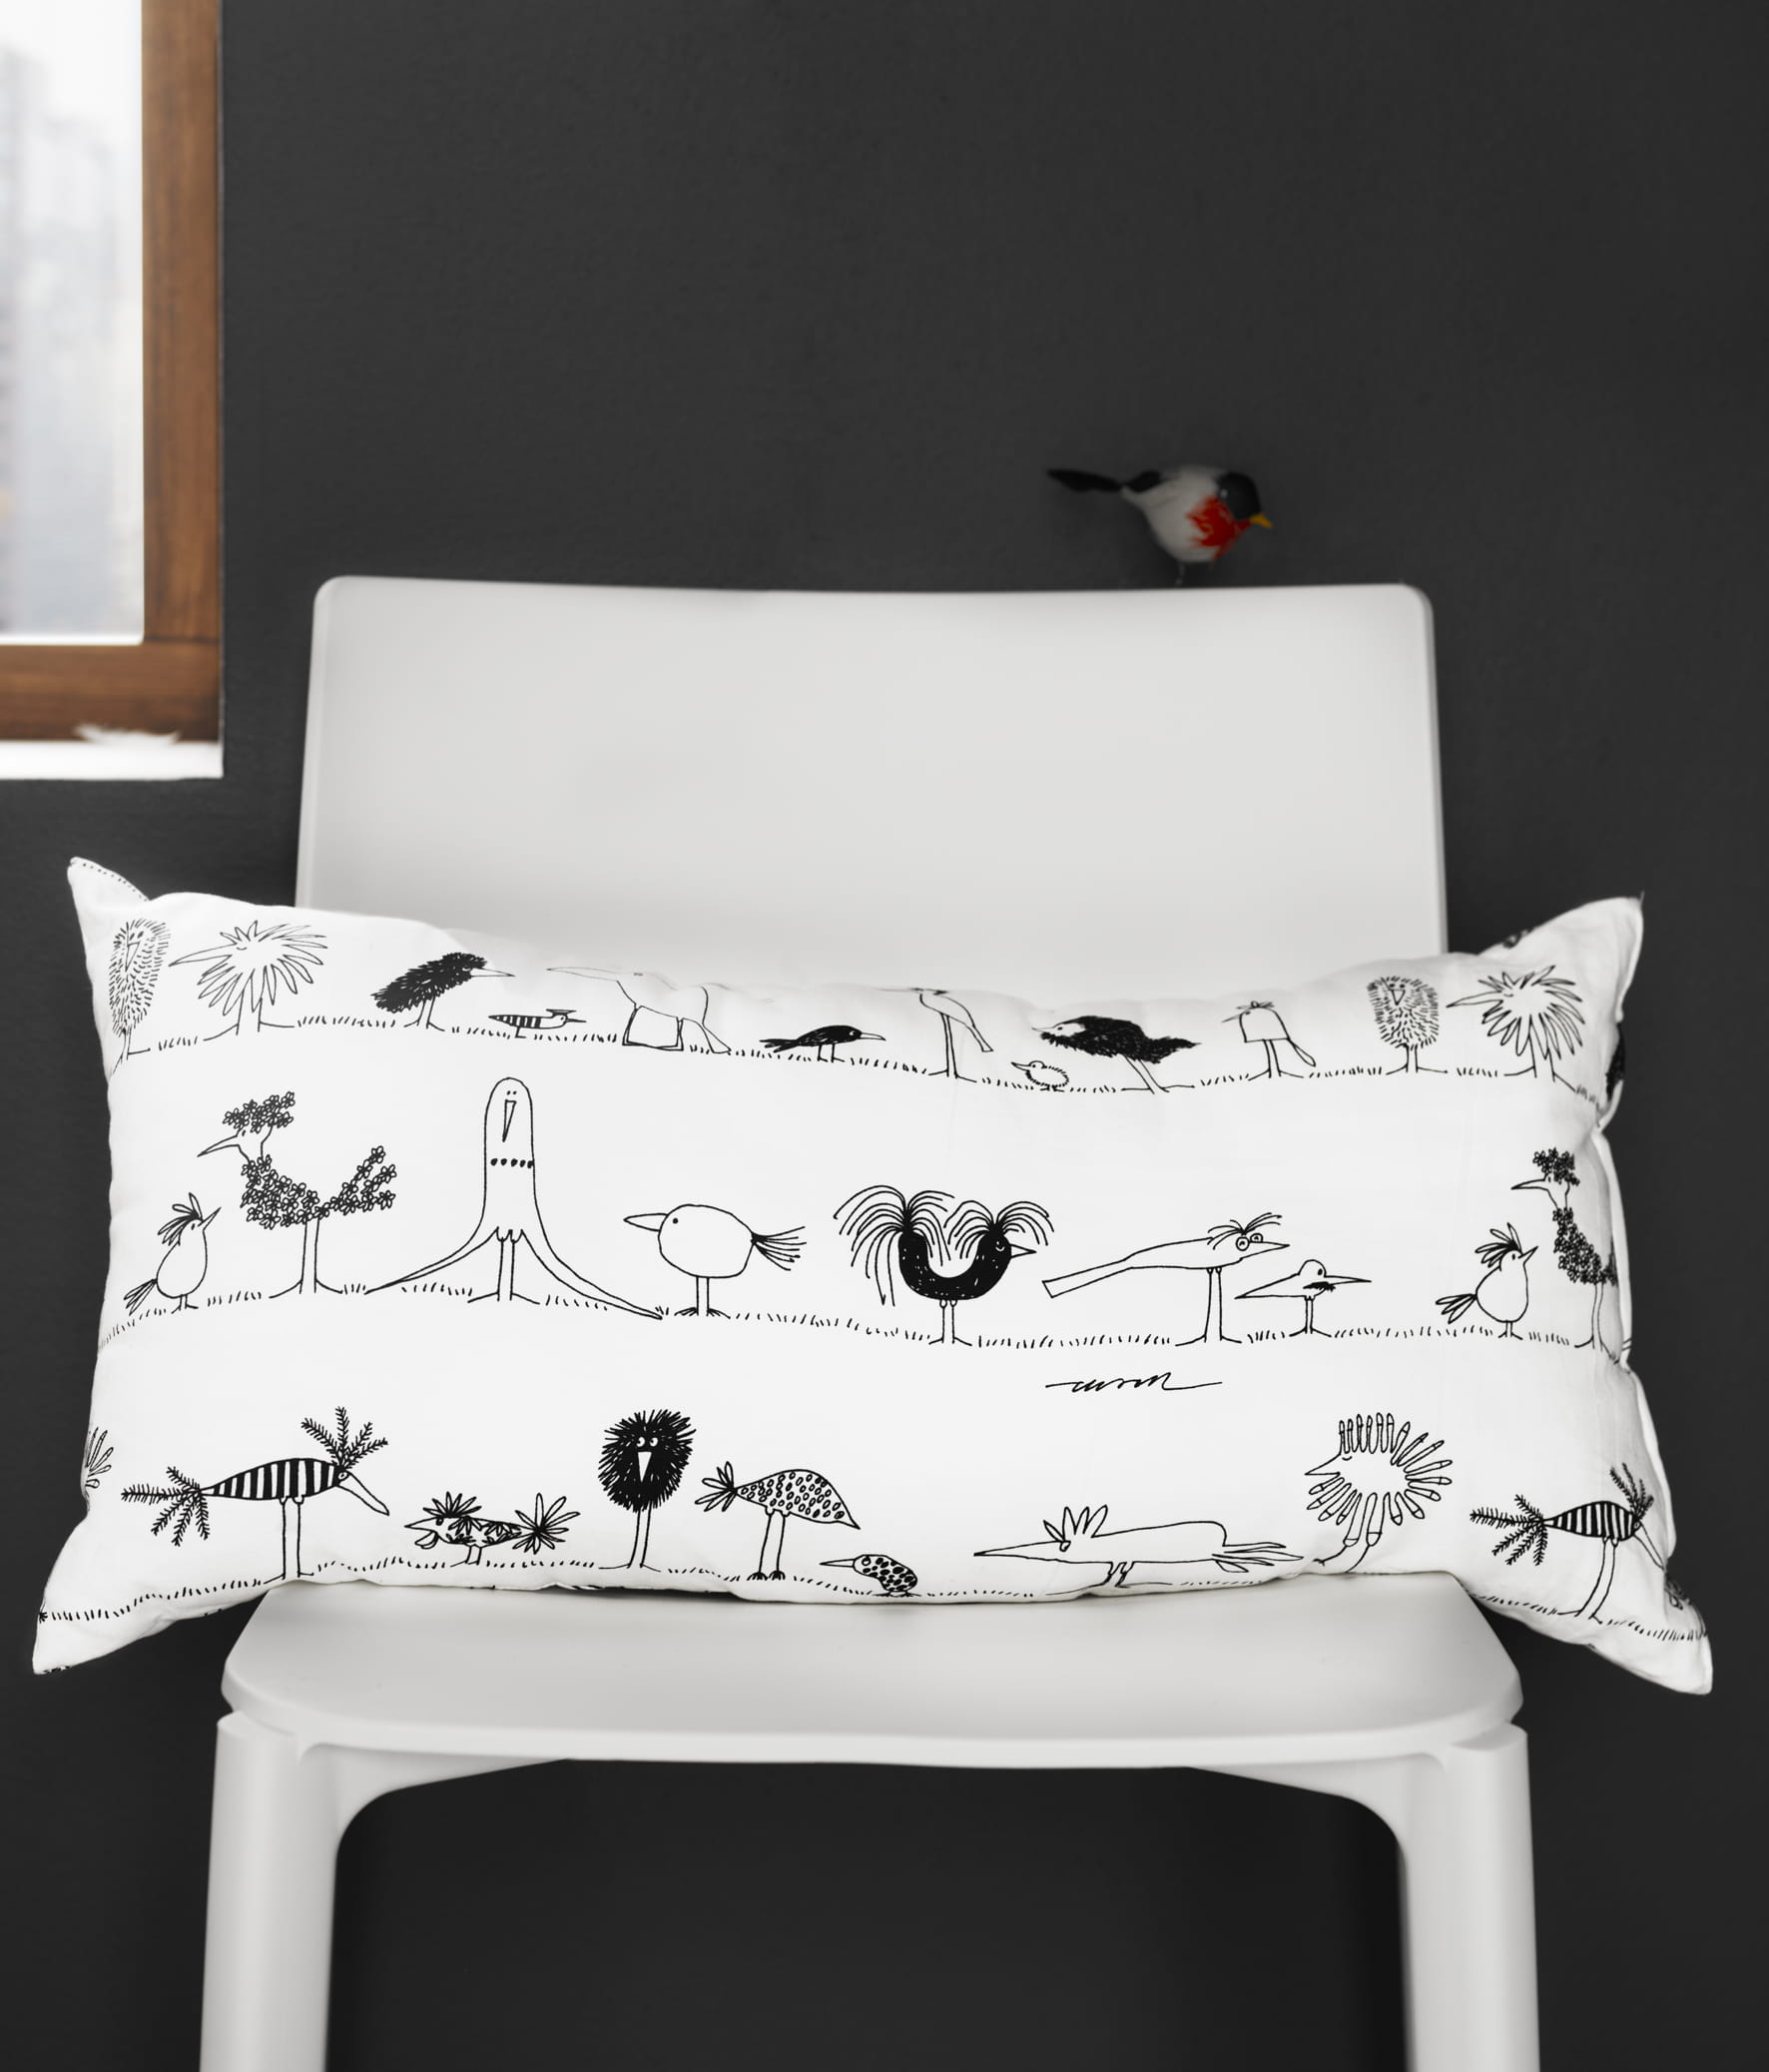 coussin oiseaux onskedrom ikea ikea une collection sous le signe du dessin journal des femmes. Black Bedroom Furniture Sets. Home Design Ideas